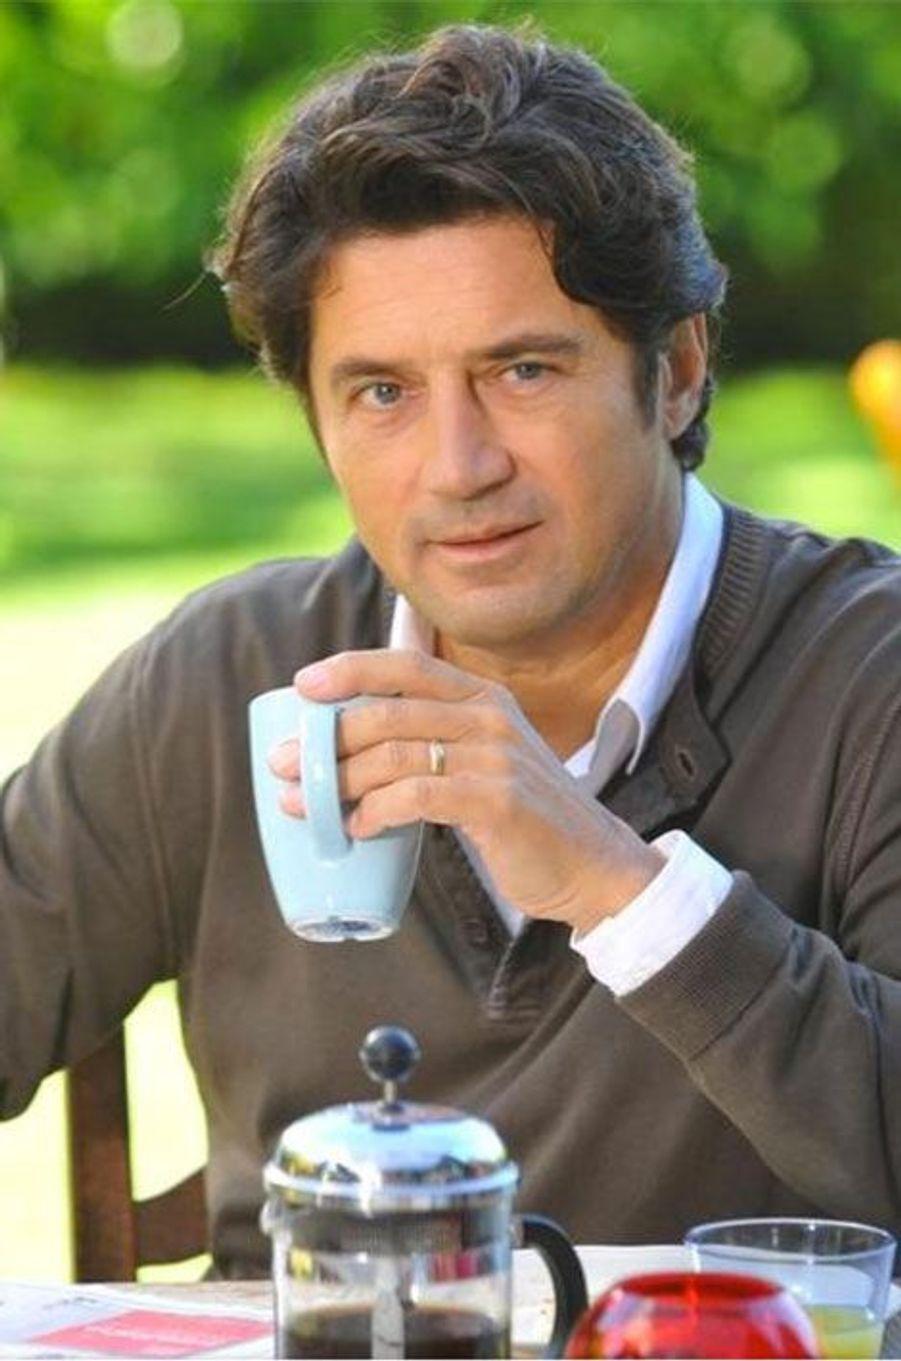 """Bruno Madinier a été écarté de """"Mes amis, mes amours, mes emmerdes..."""" car TF1 voulait renouveler la série"""